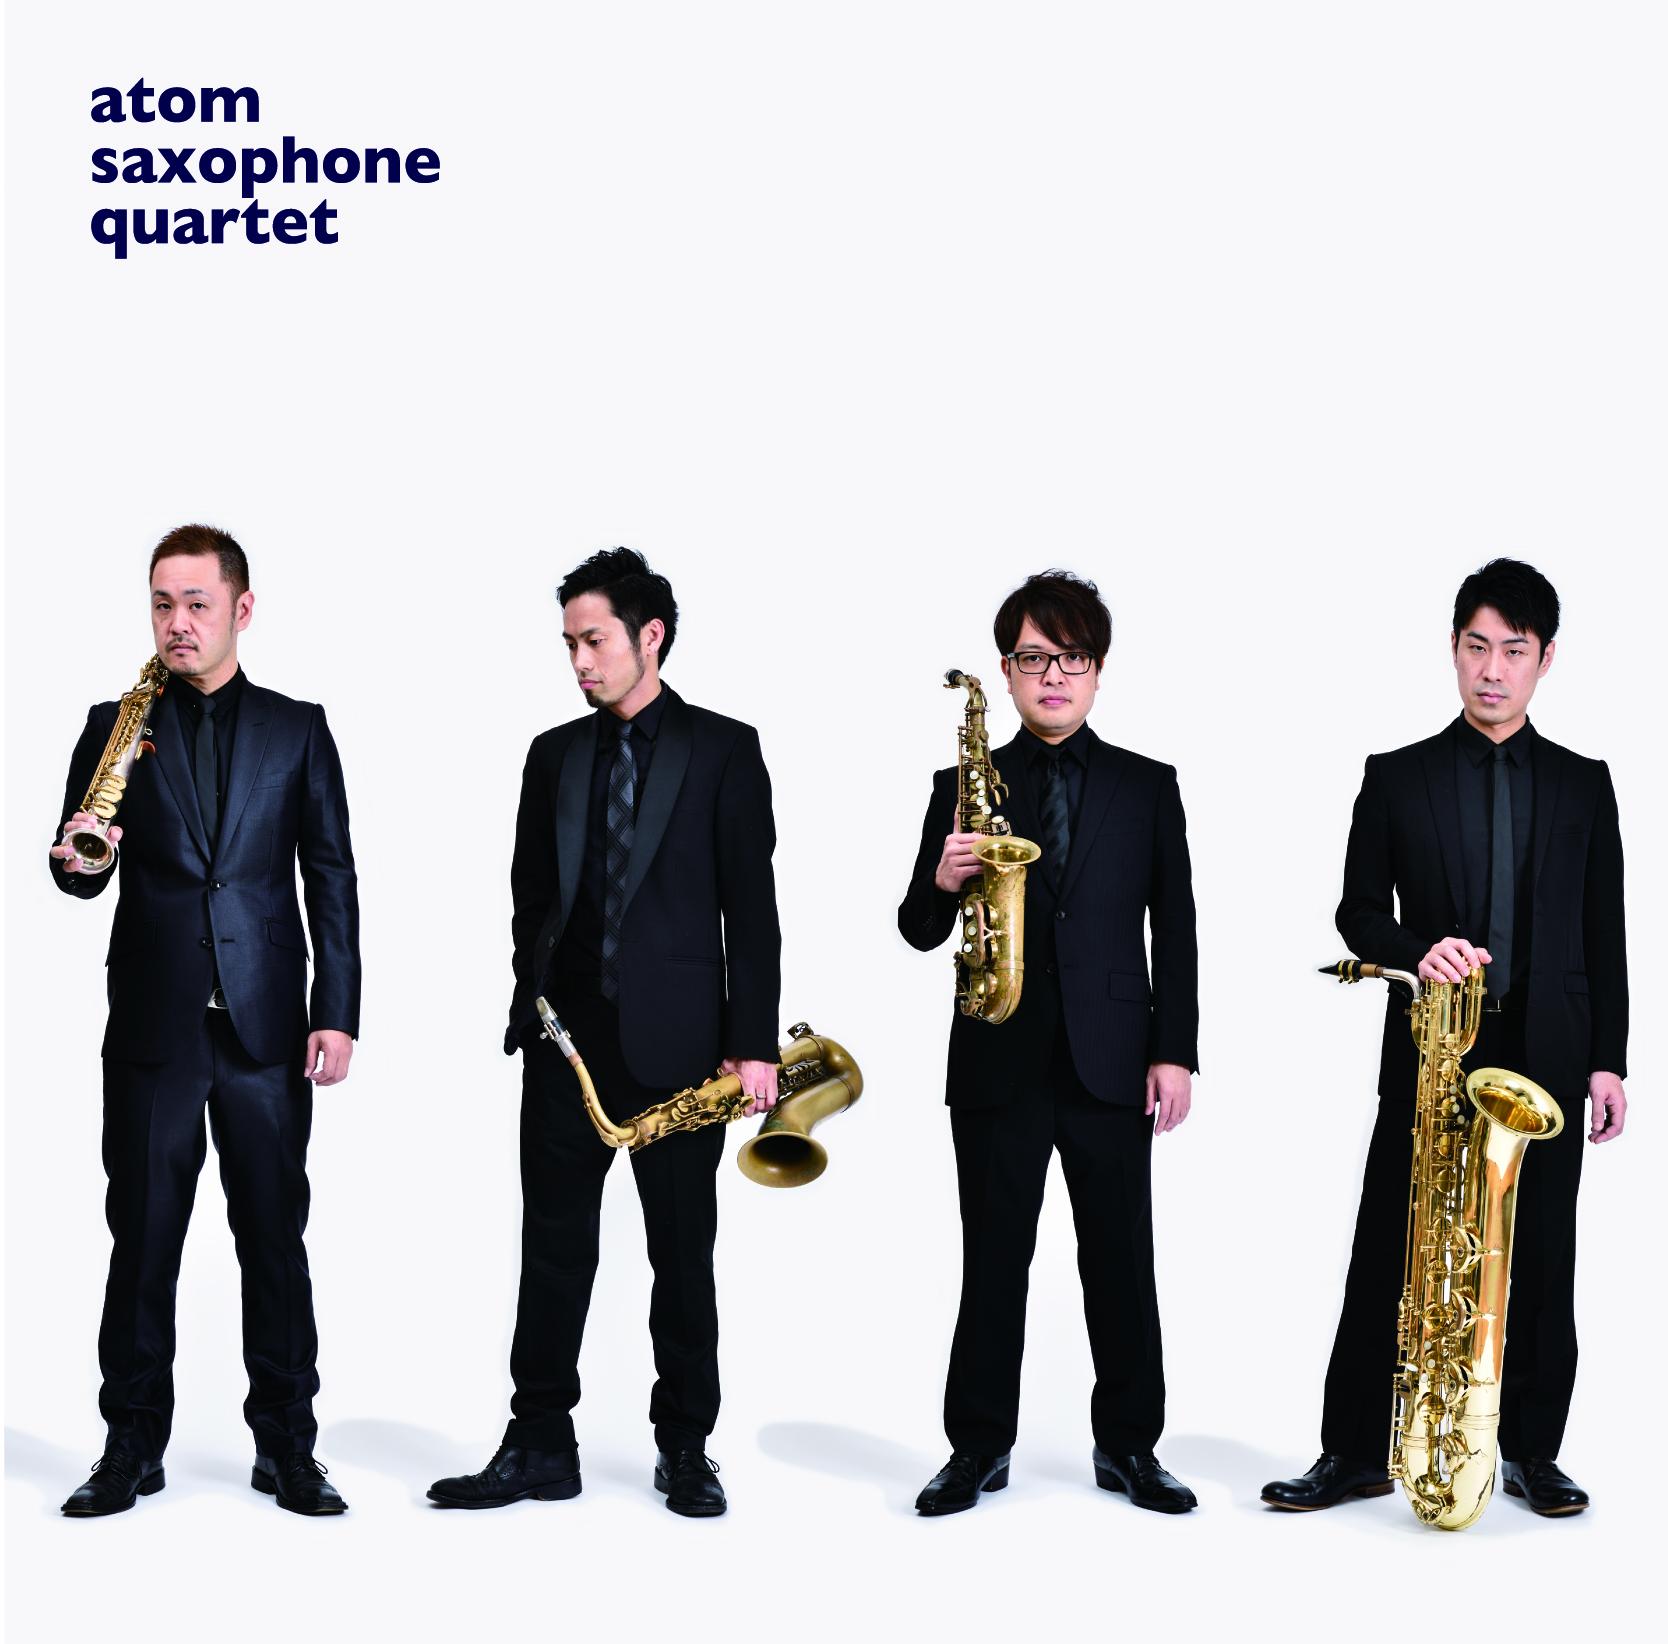 atmosphere / ATOM SAXOPHONE QUARTET